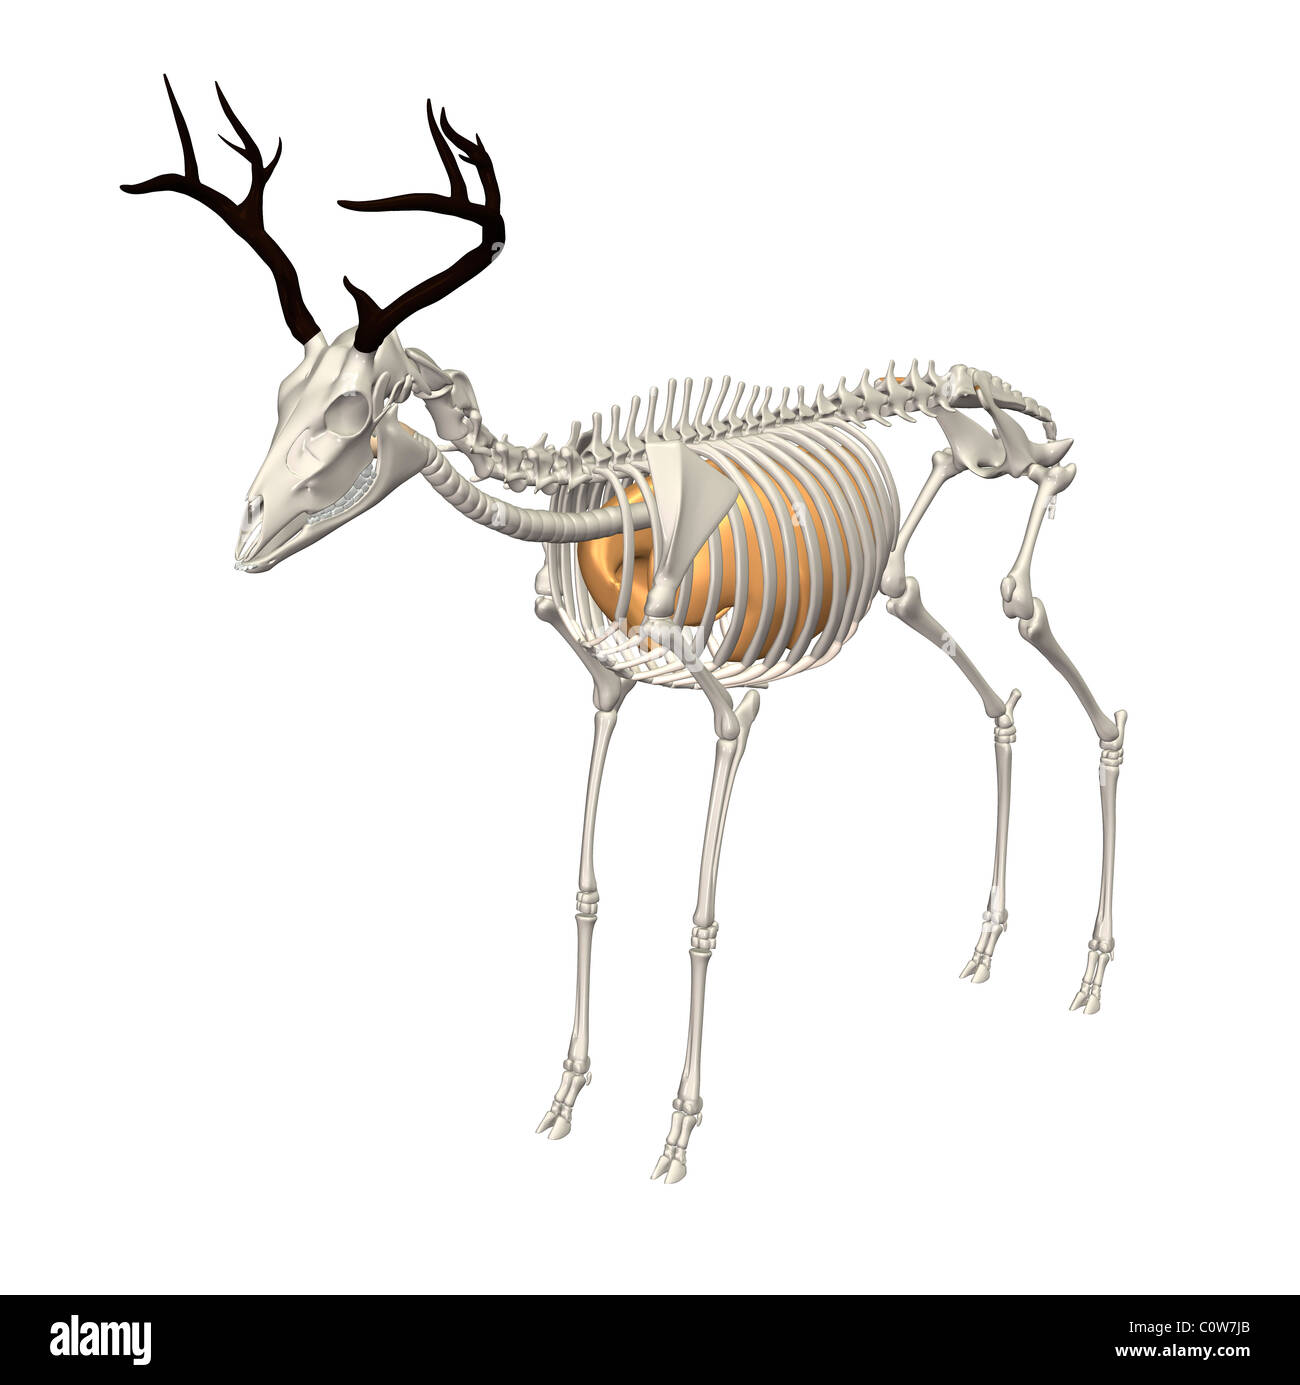 Anatomía de ciervo pulmones respiratorio esqueleto cuerpo ...